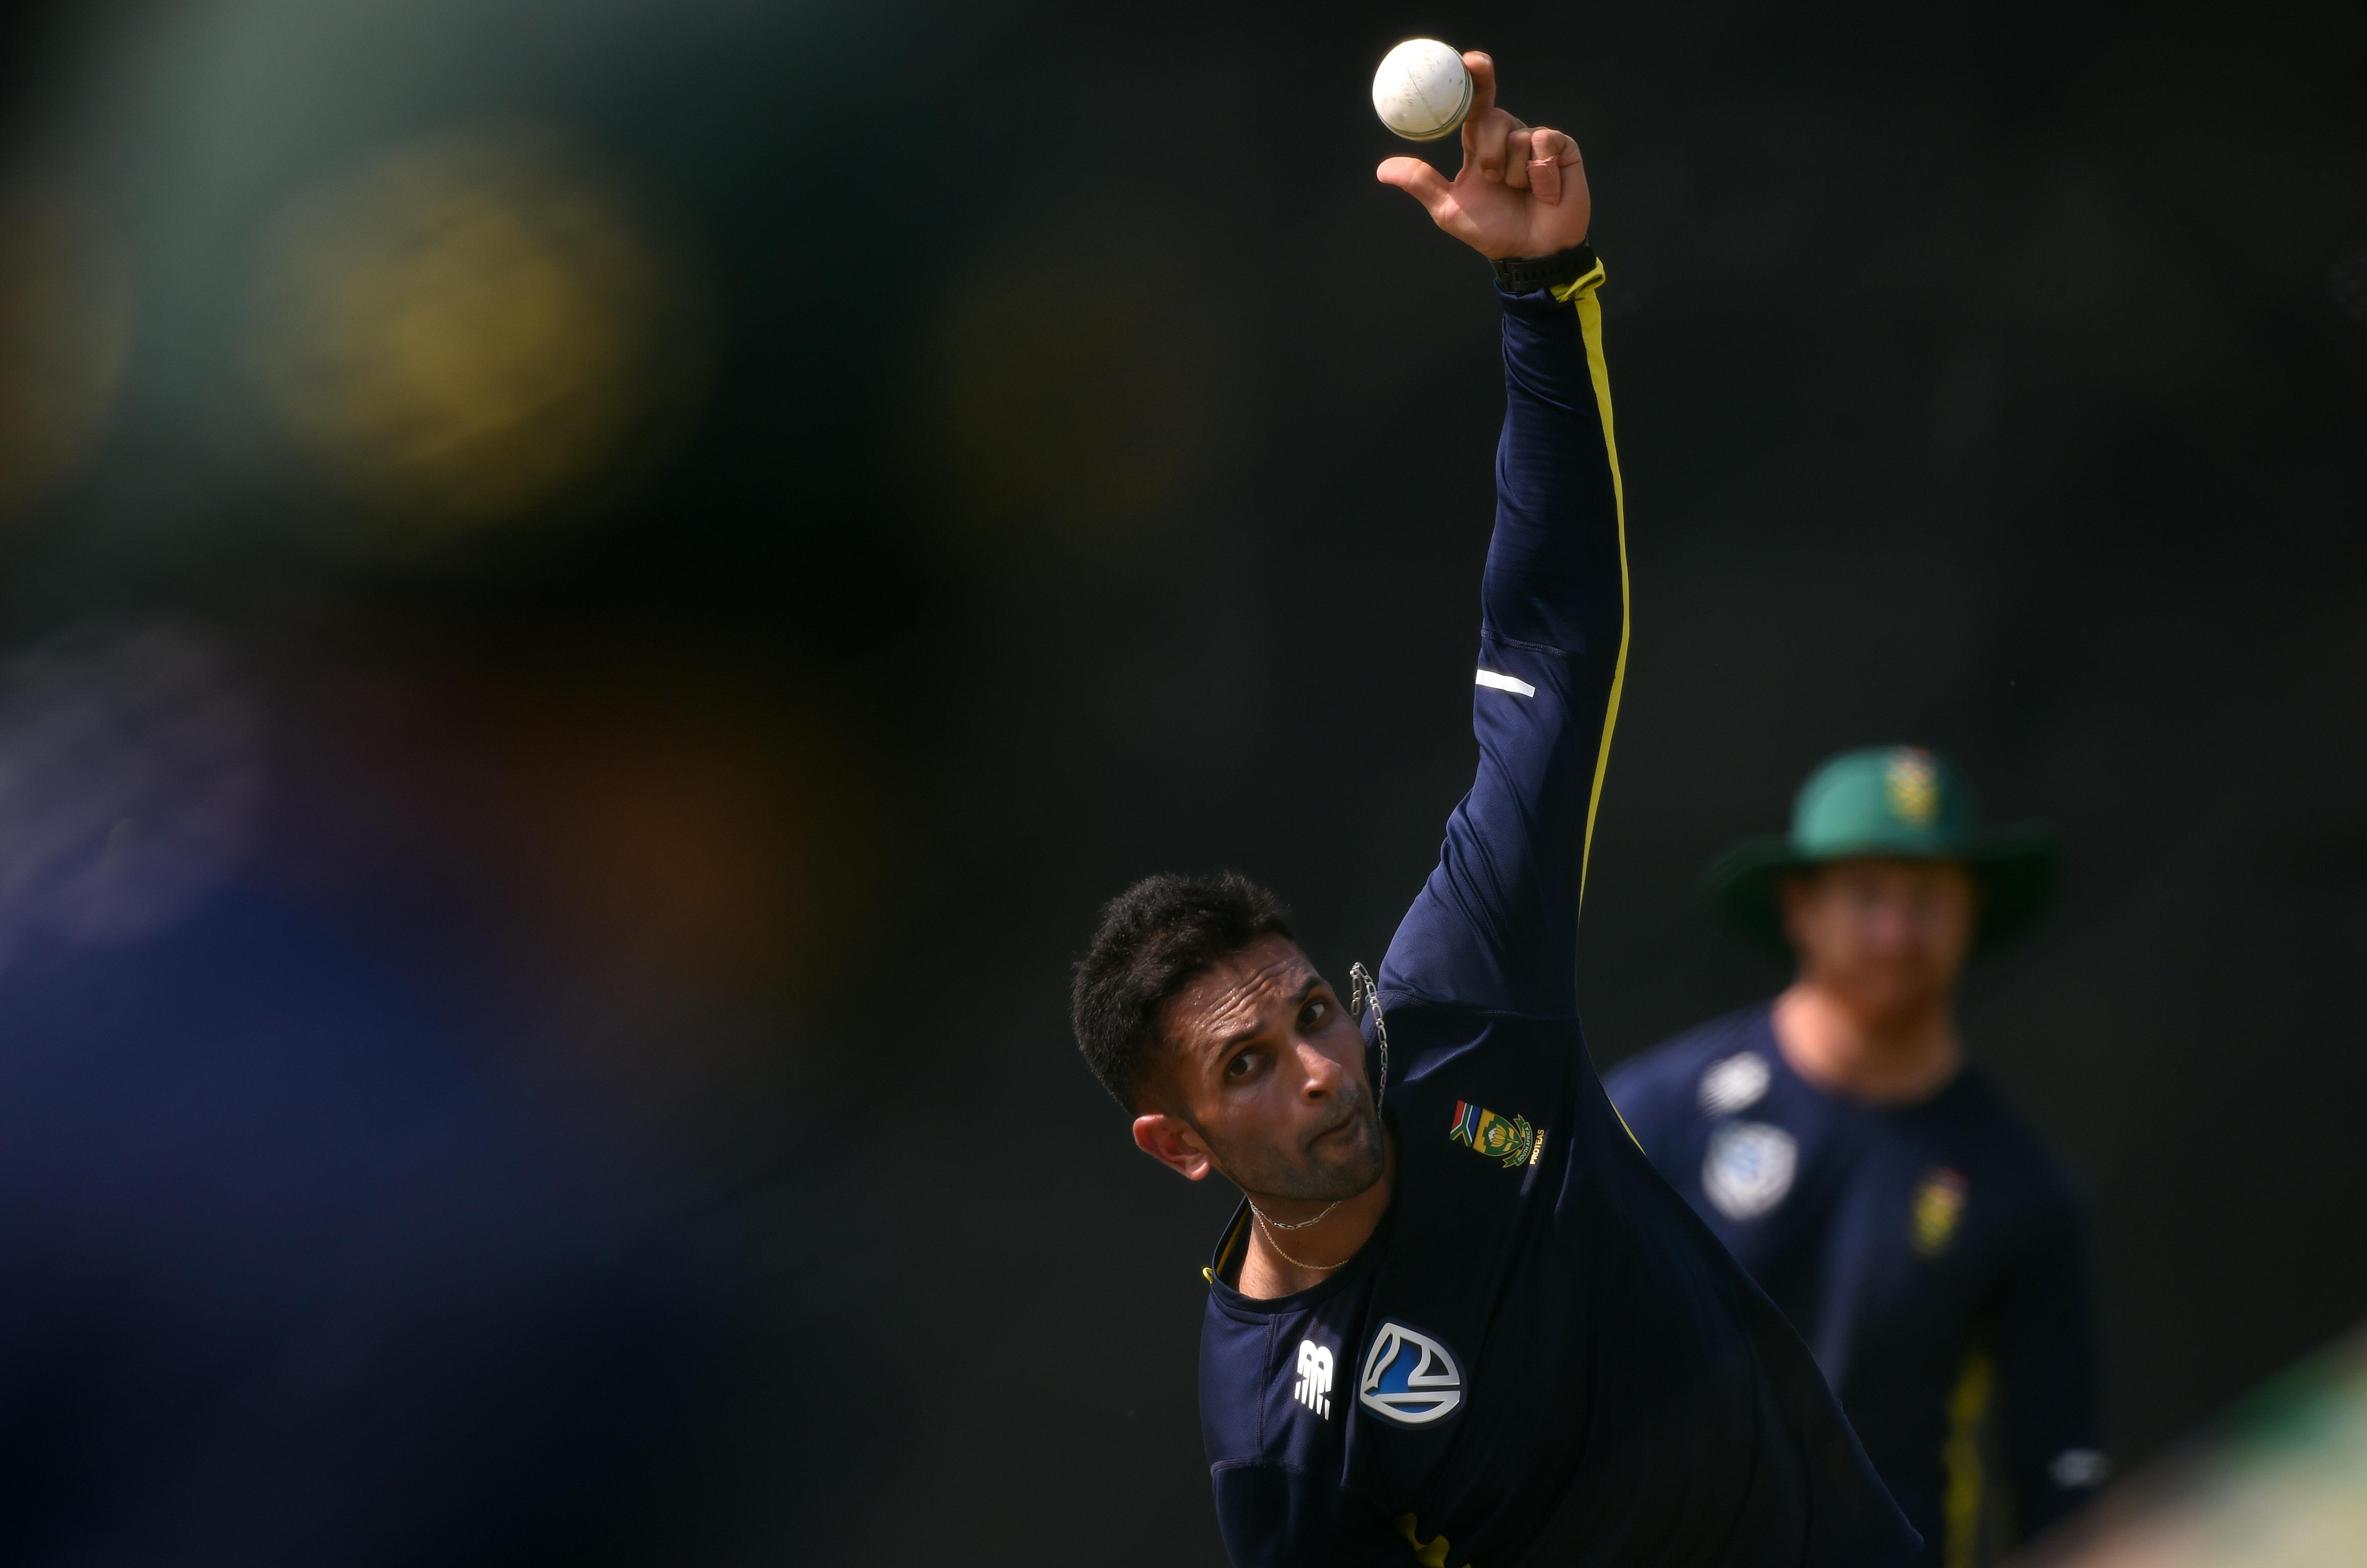 Keshav Maharaj odi t20 cricket